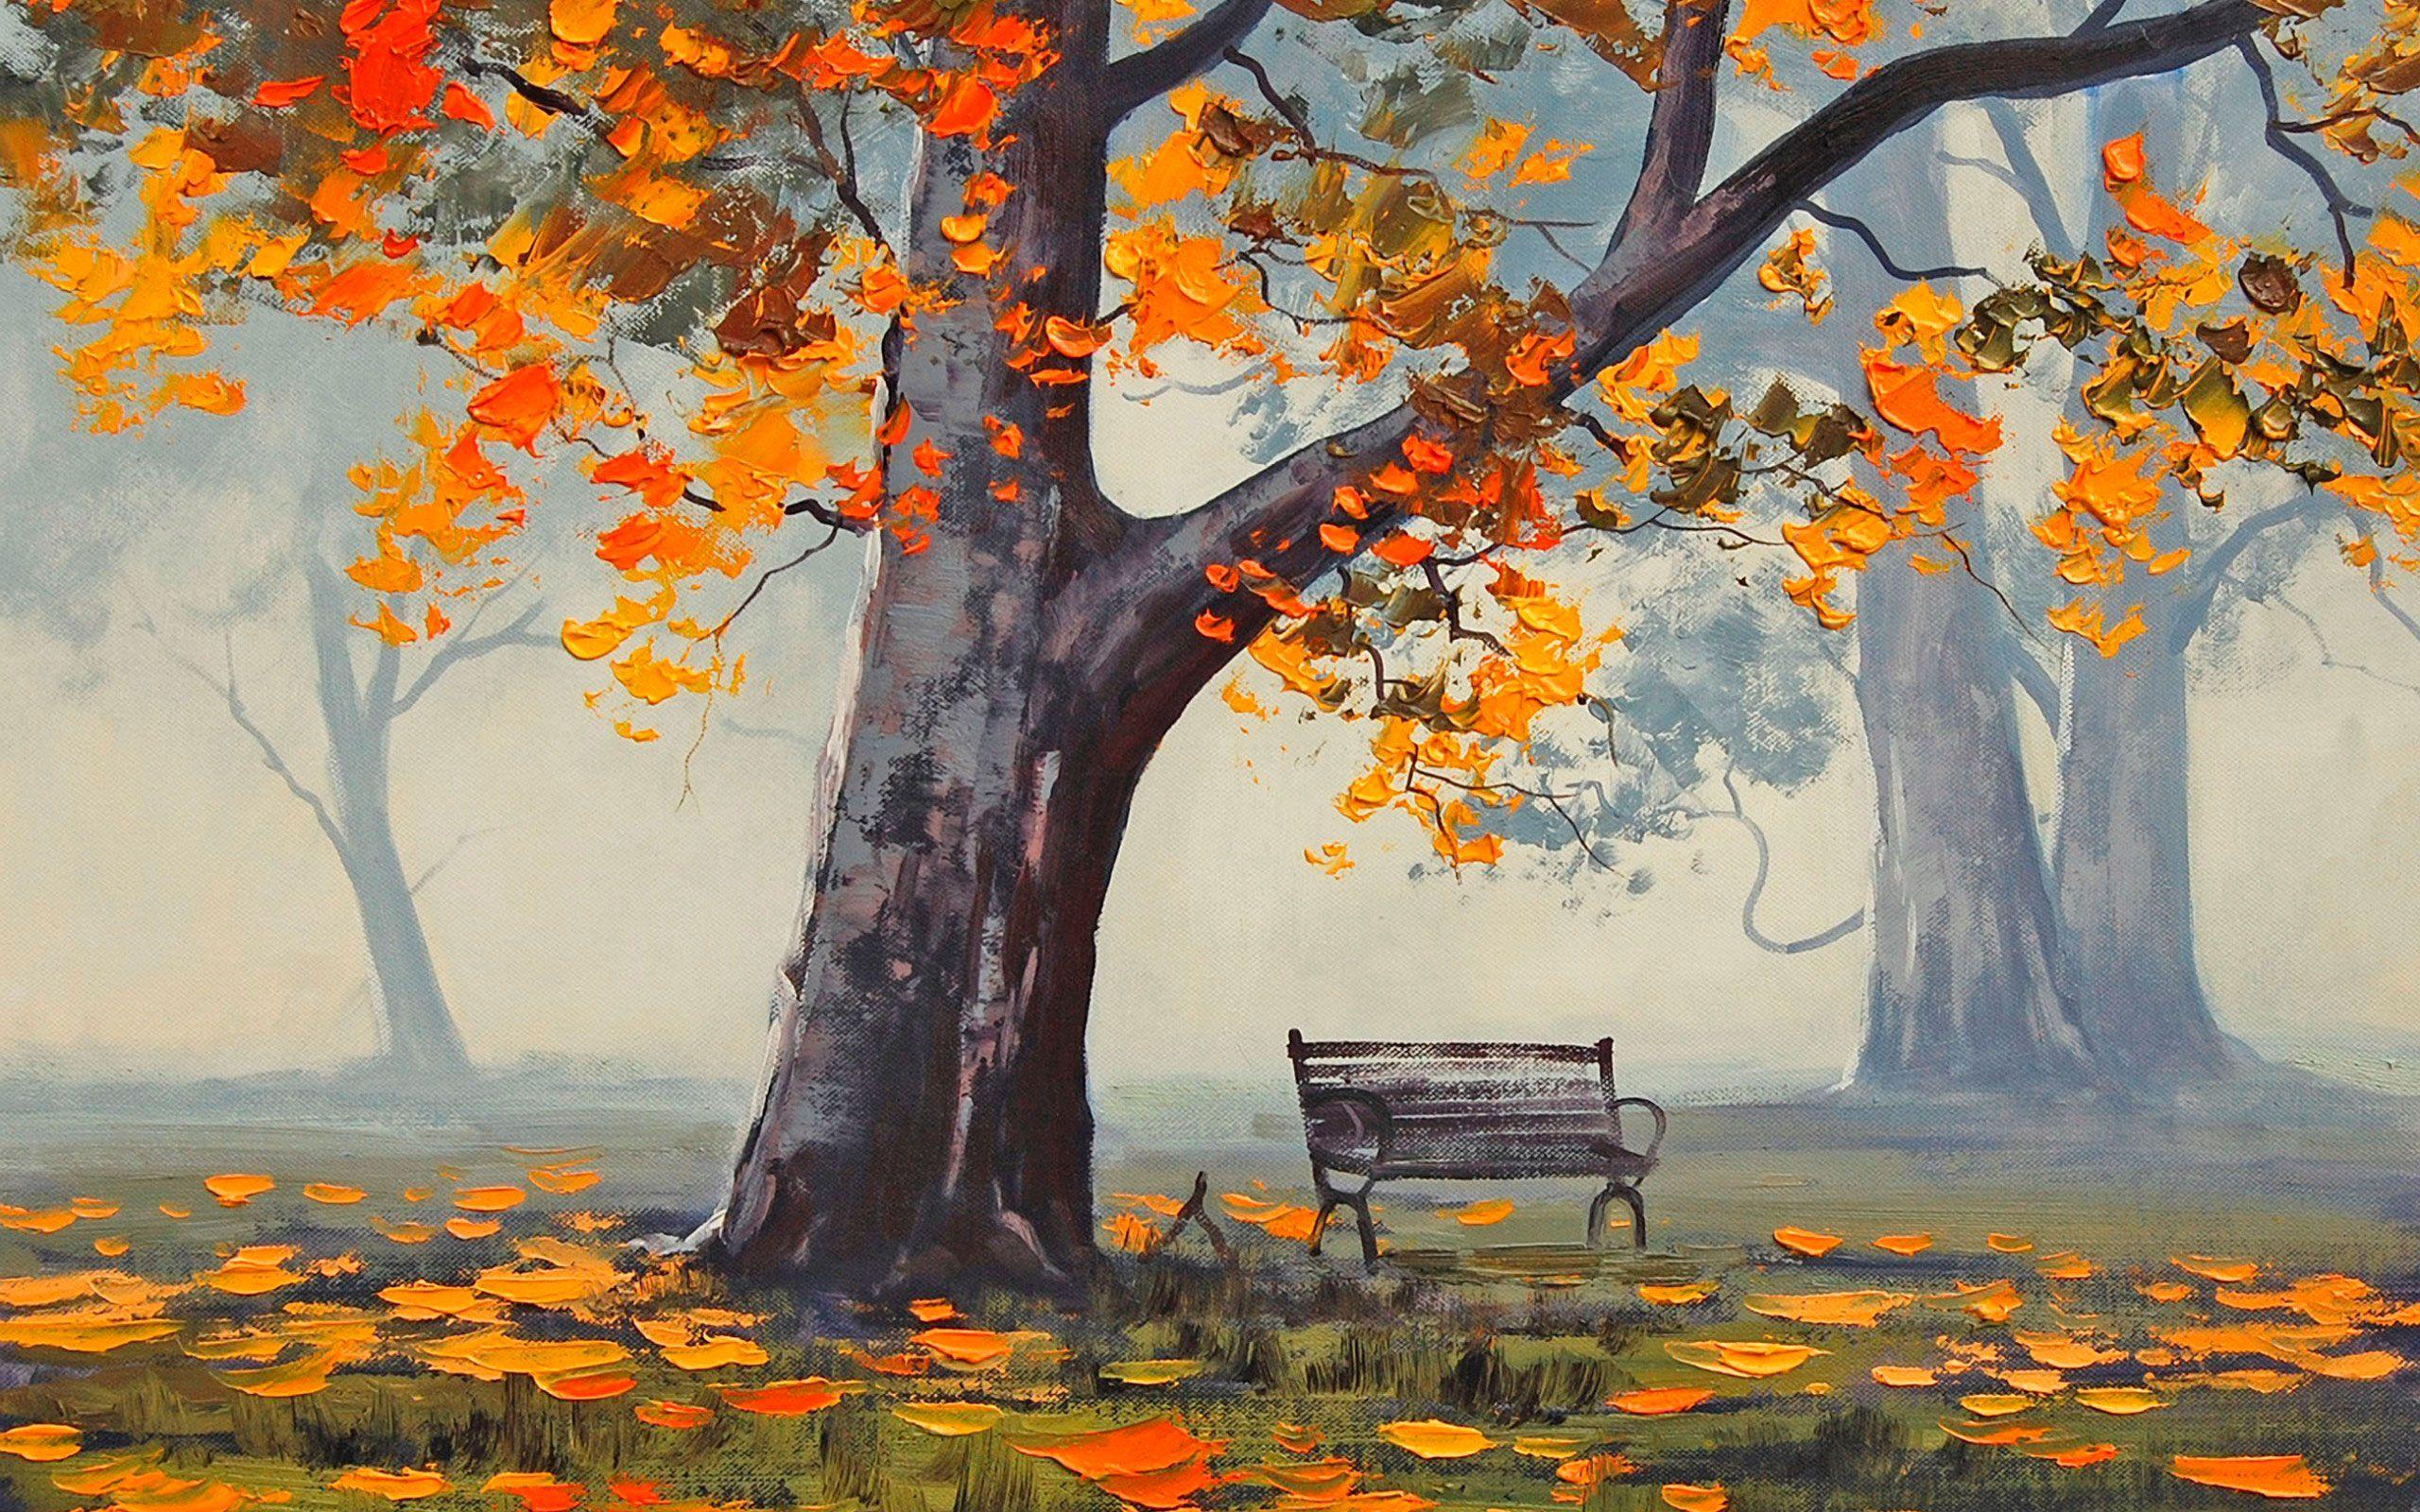 Осень картинки нарисованные, девушка фото